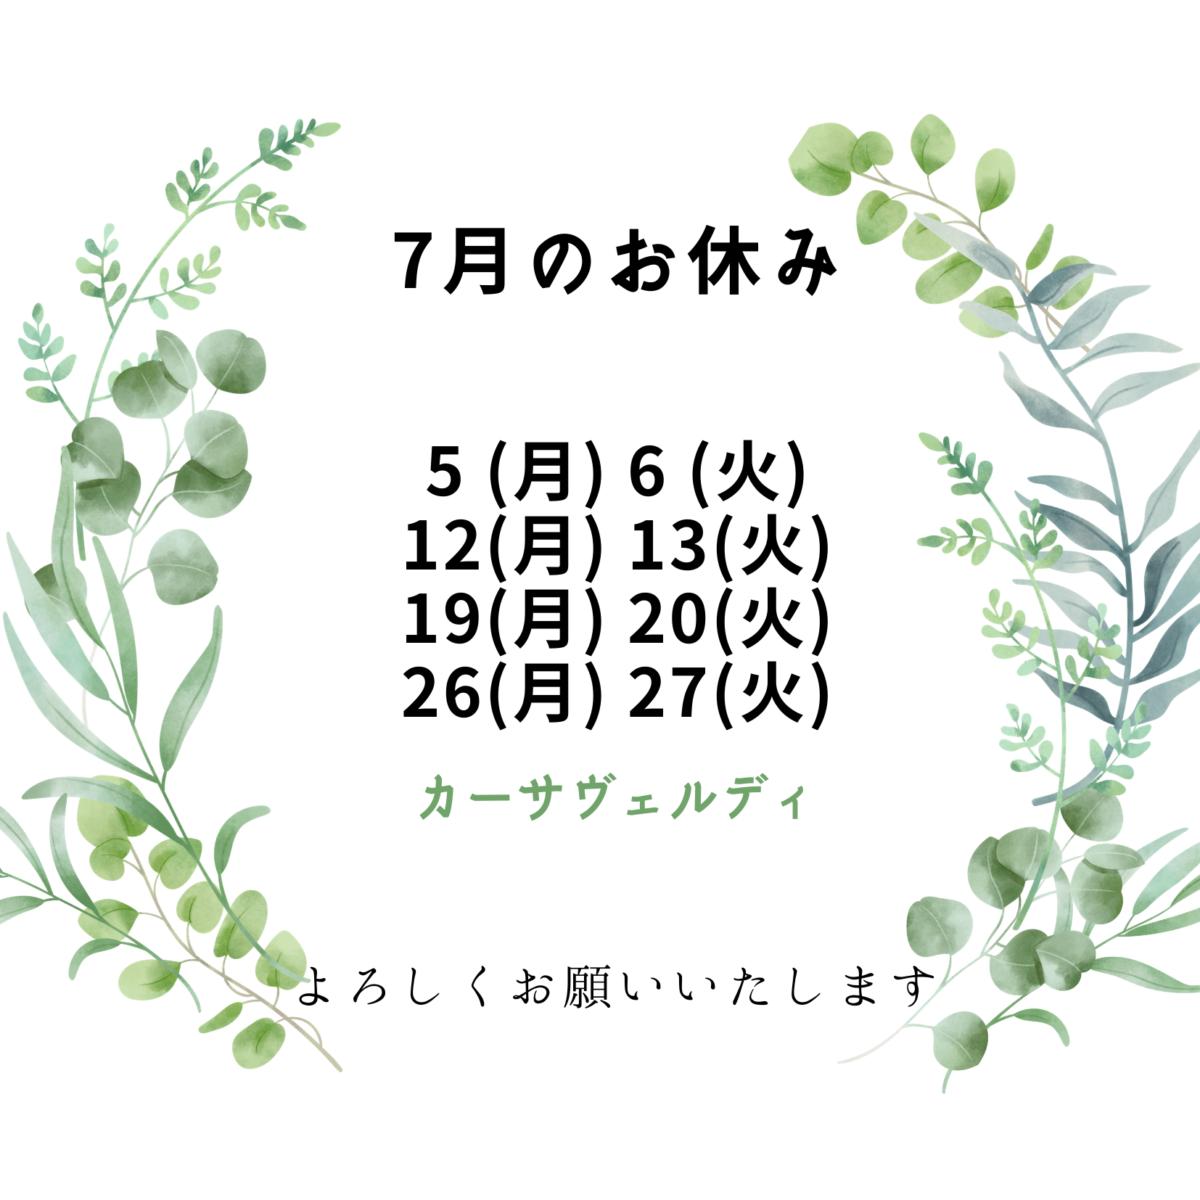 7月の休み